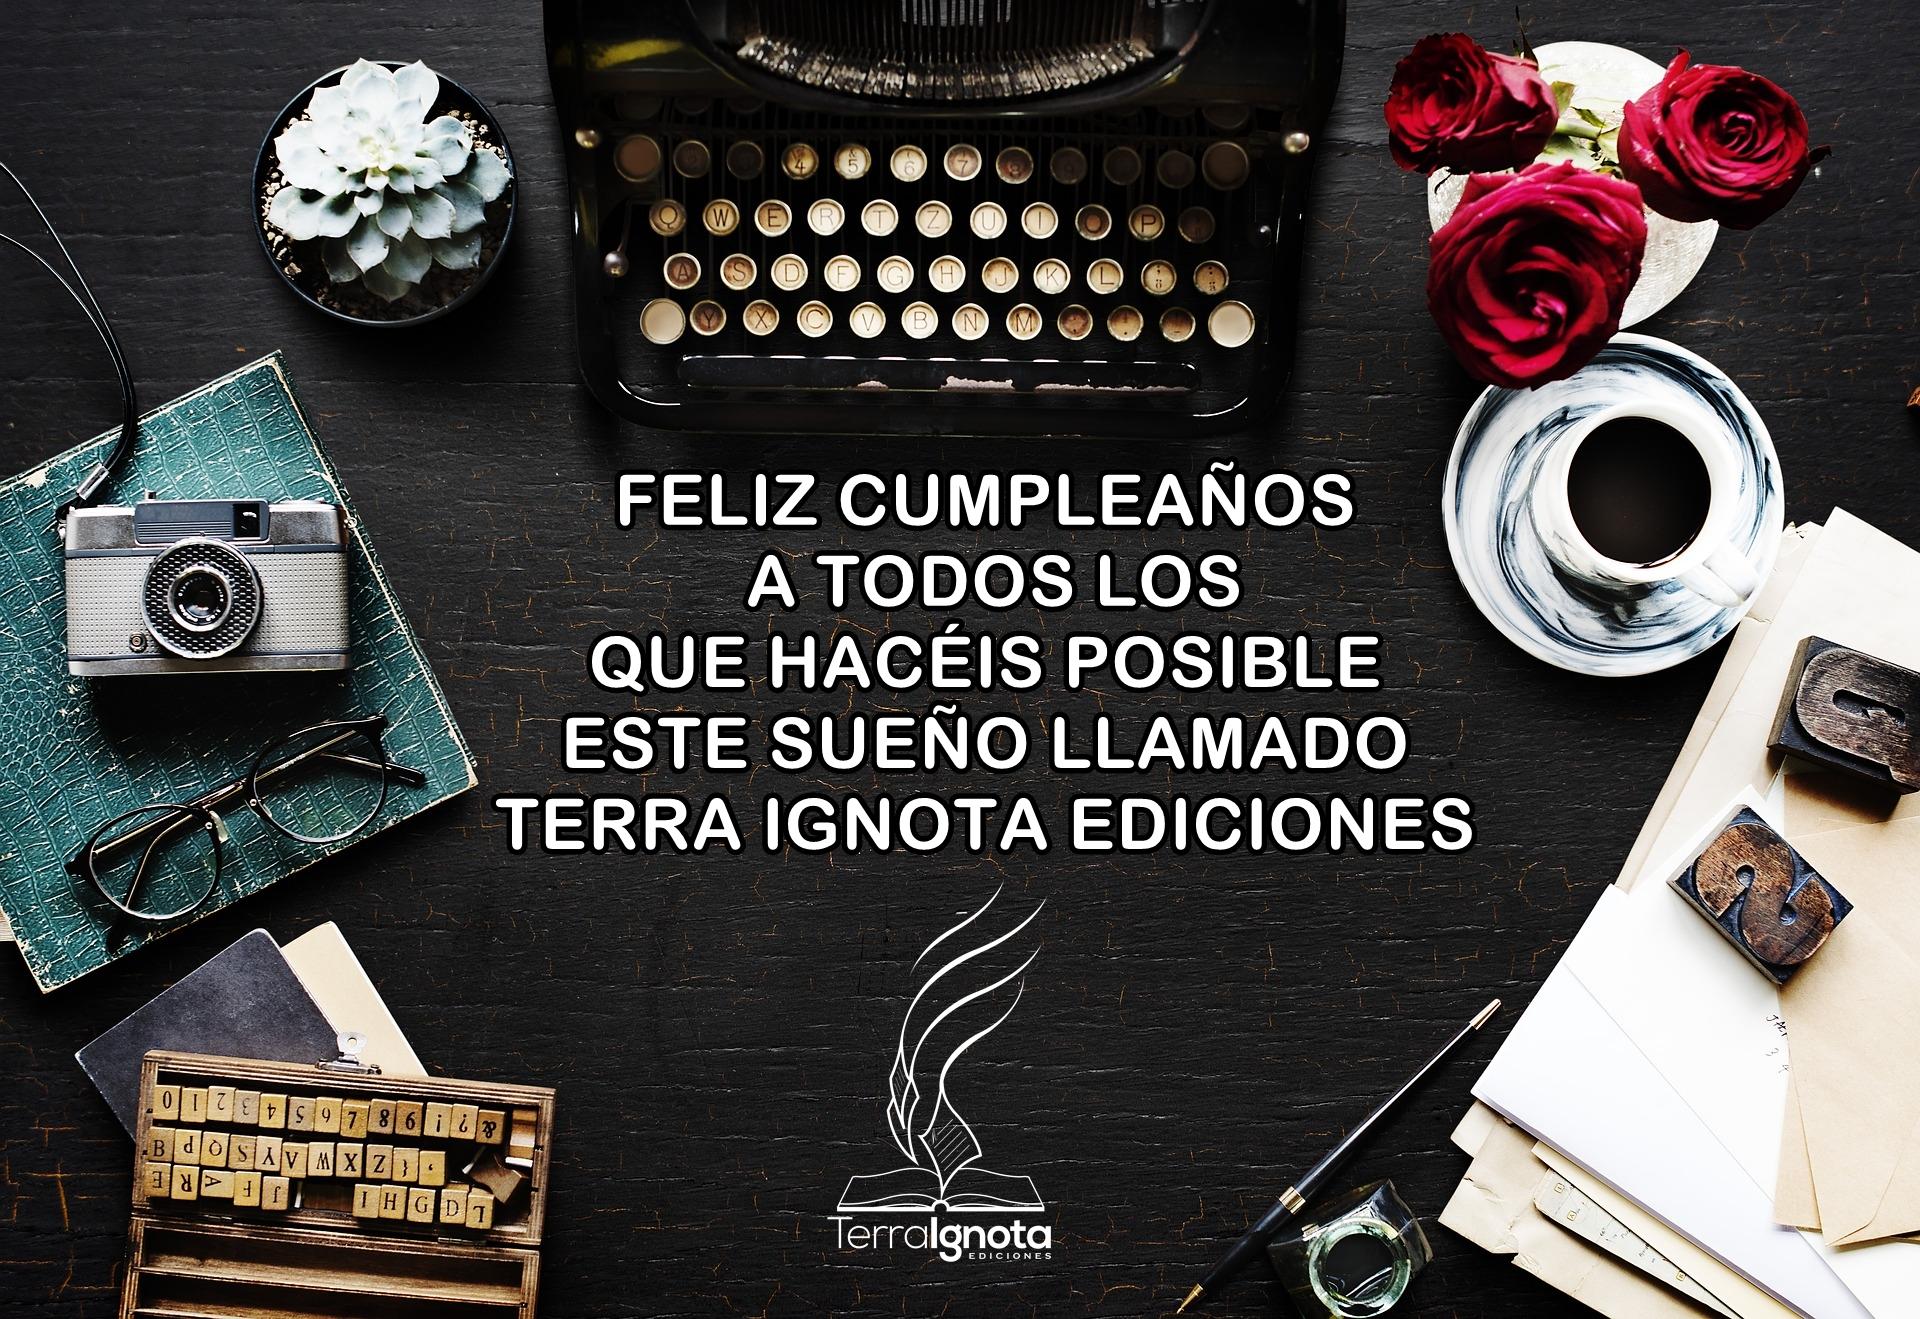 Publicar-un-libro-editar-Madrid-Barcelona-cataluña-españa-català-Andalucia-coedicion-autoedicion-cumpleaños-feliz